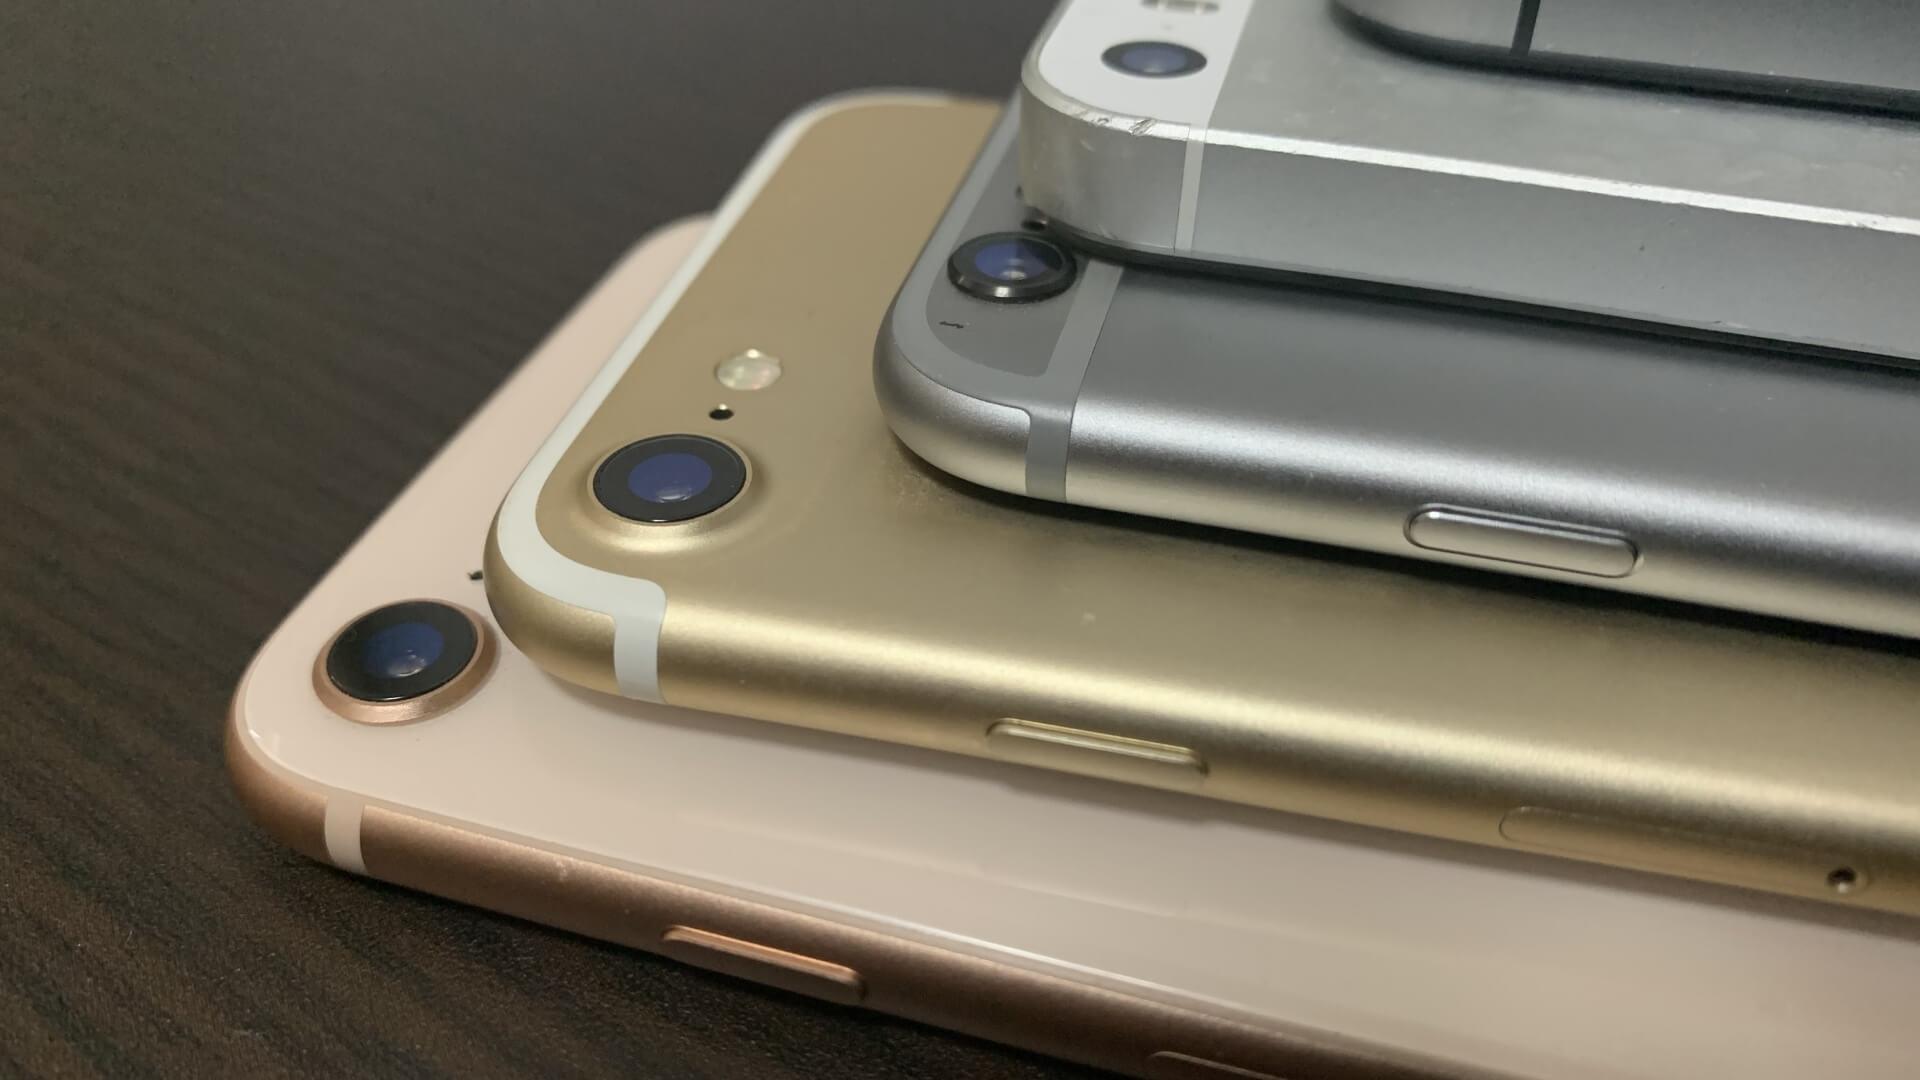 ポケカYouTuberにおすすめの動画カメラ③【iphone】/撮影して、そのまま編集も可能な万能カメラ